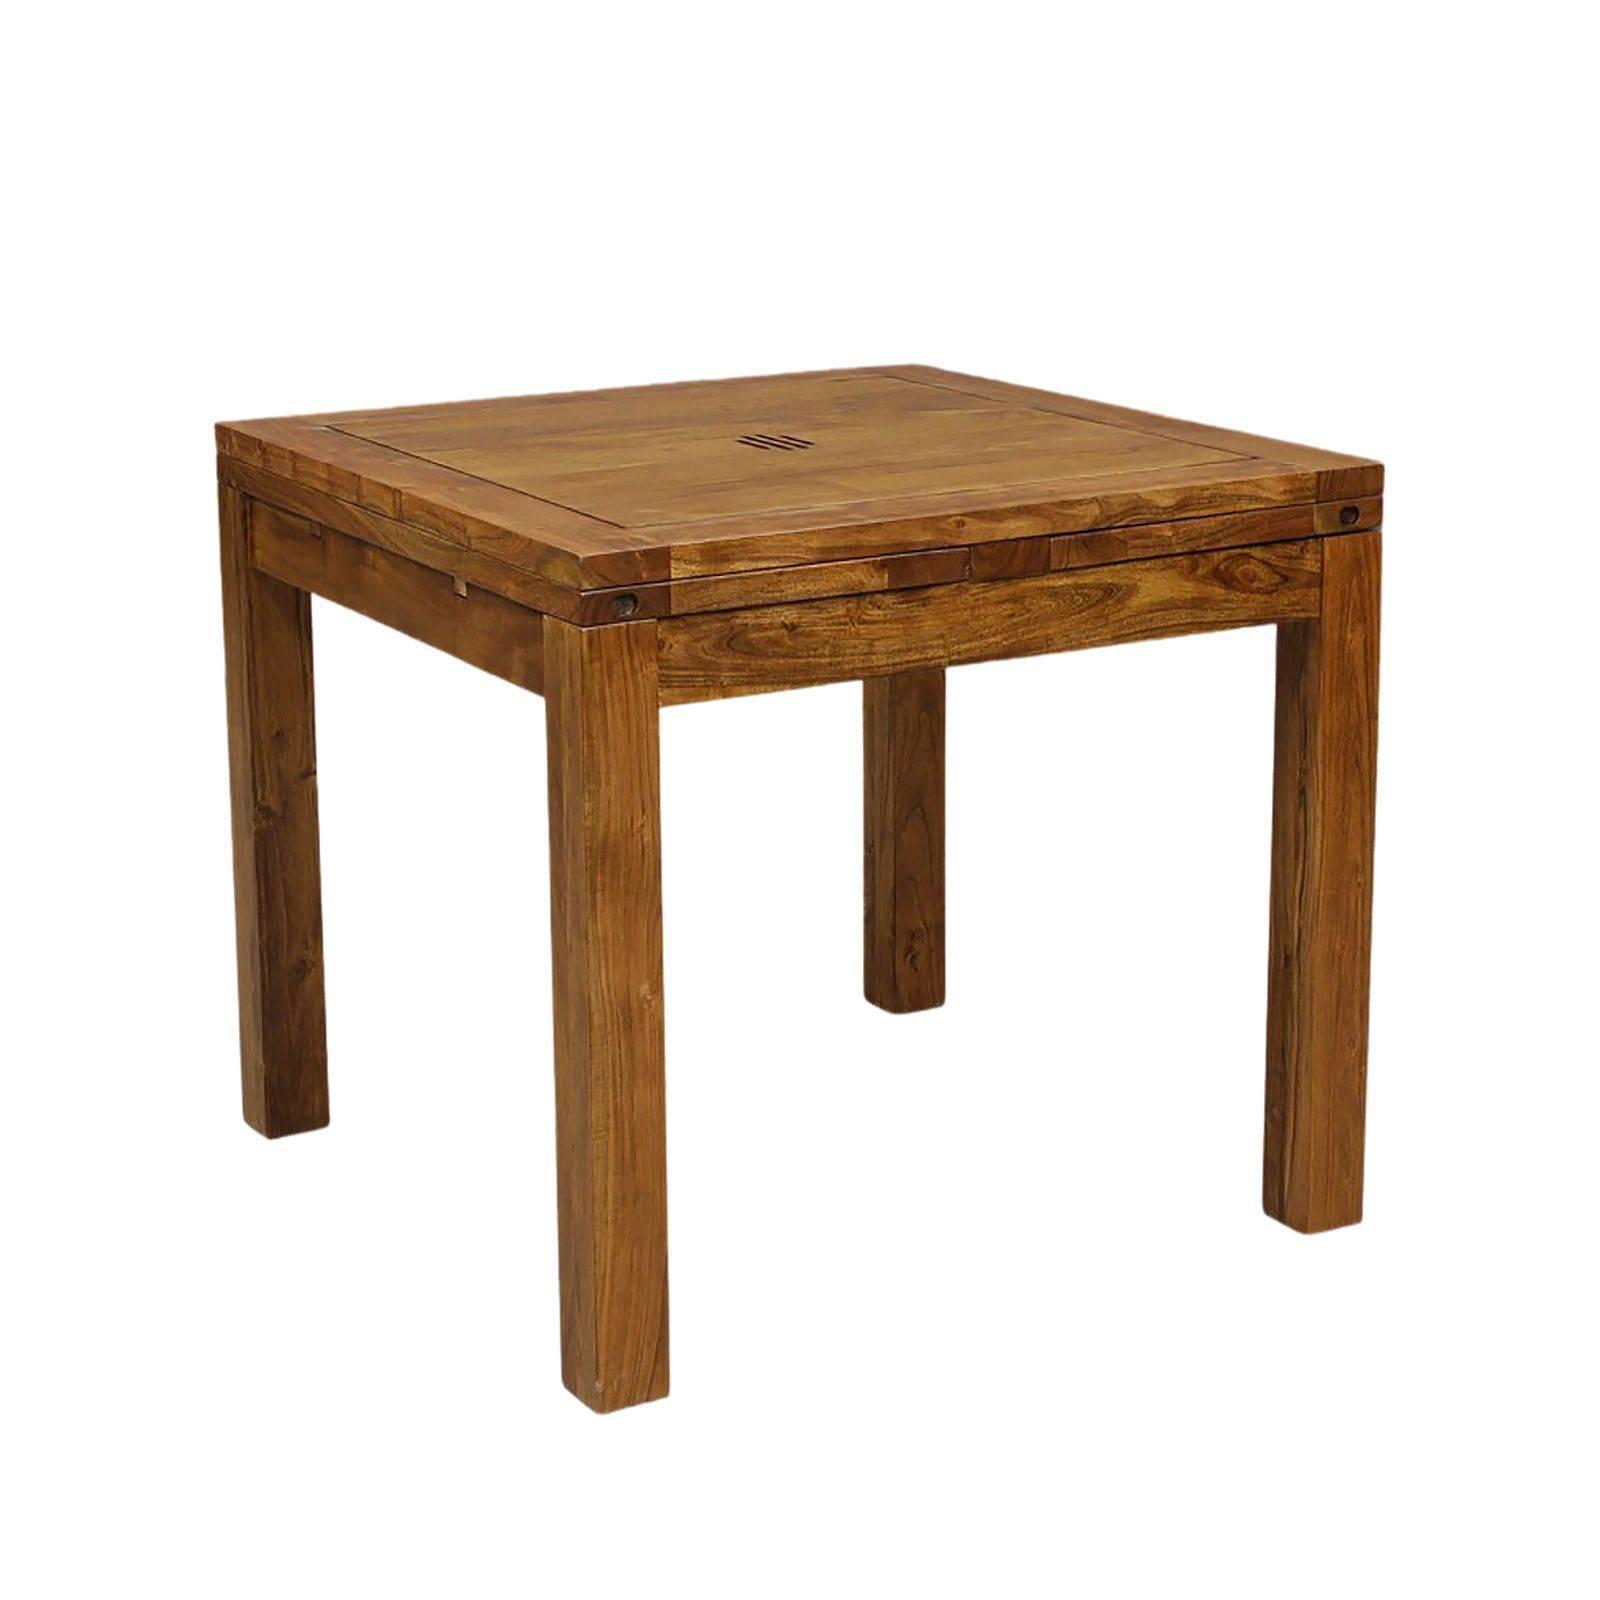 Petite table à manger carrée avec 2 allonges en bois massif